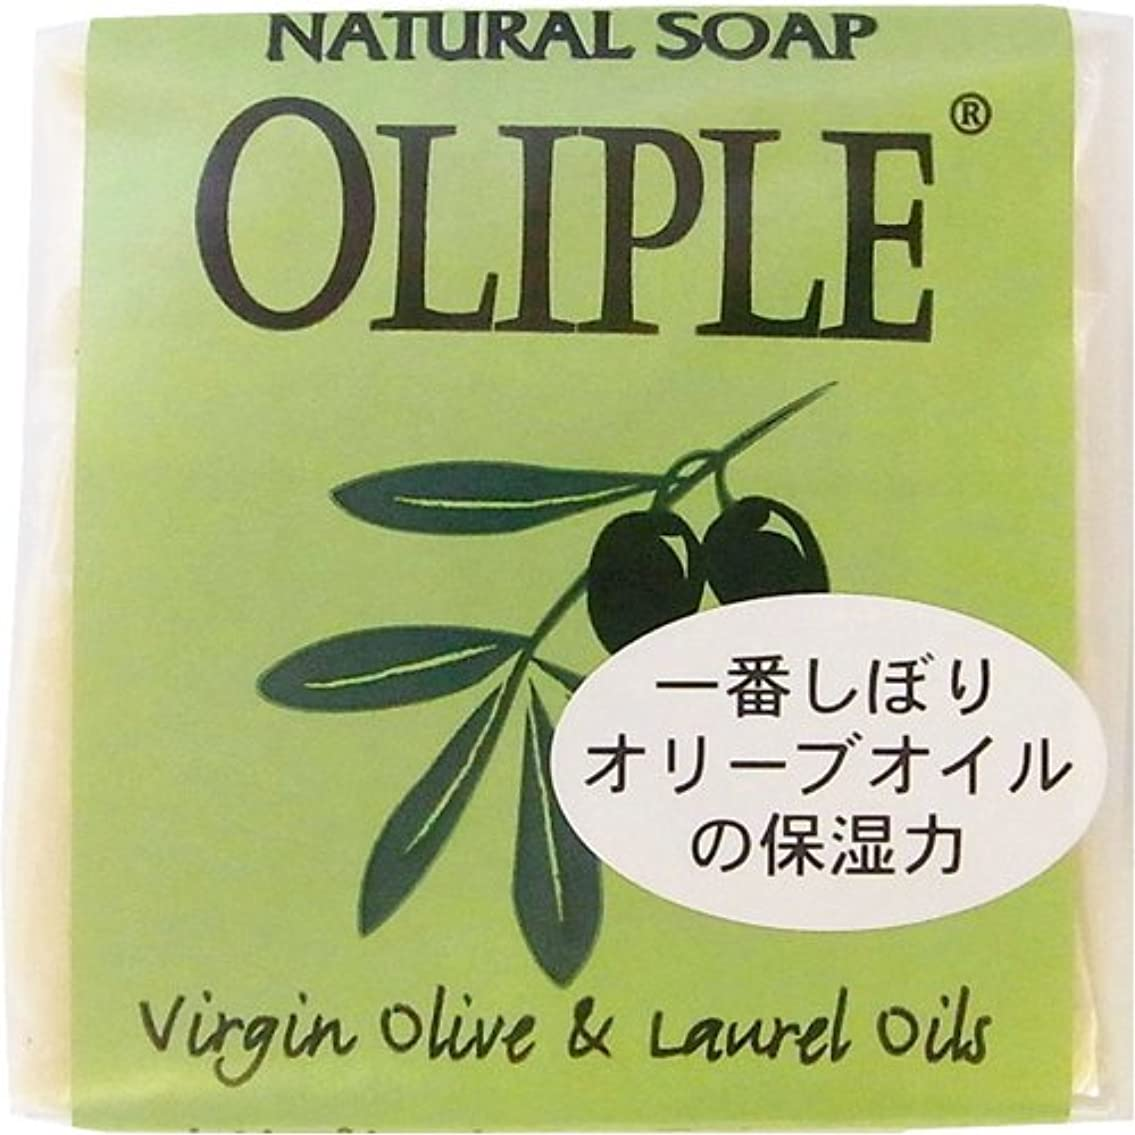 オリプレナチュラルソープ バージンオリーブ&月桂樹オイル ミニ 50g